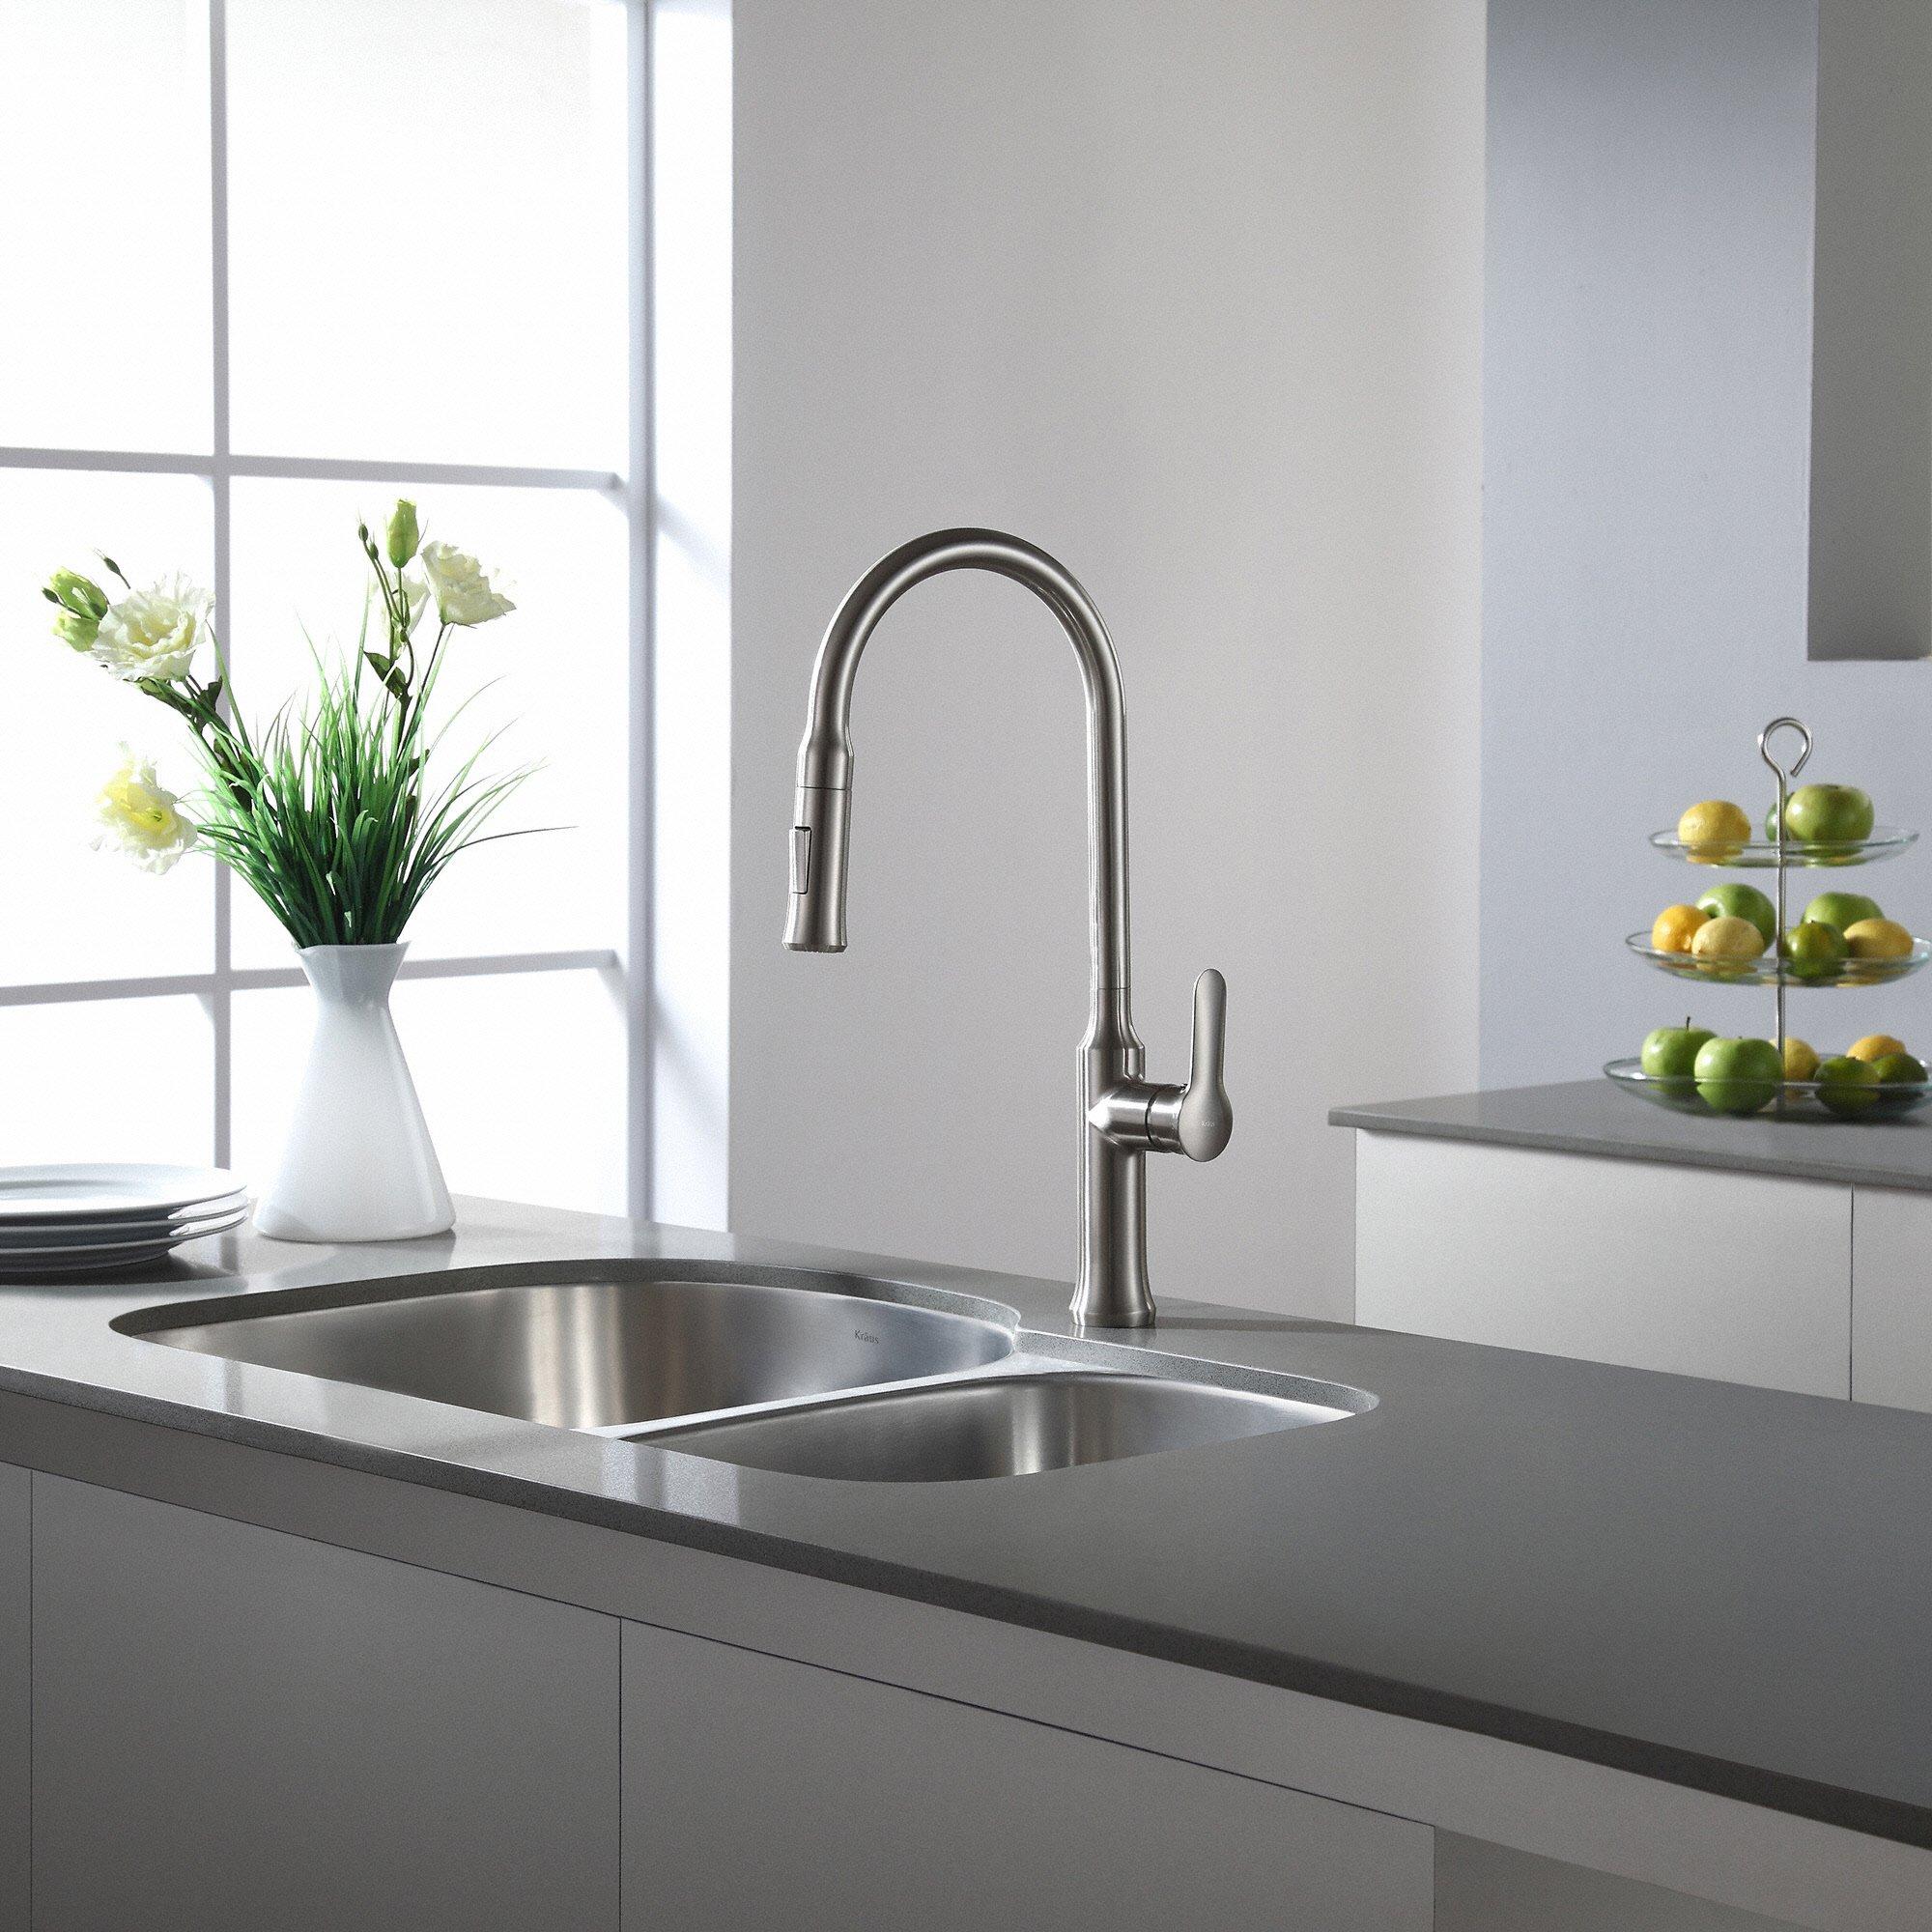 Kraus KBU21 30 inch Undermount 60/40 Double Bowl 16 gauge Stainless Steel Kitchen Sink by Kraus (Image #12)